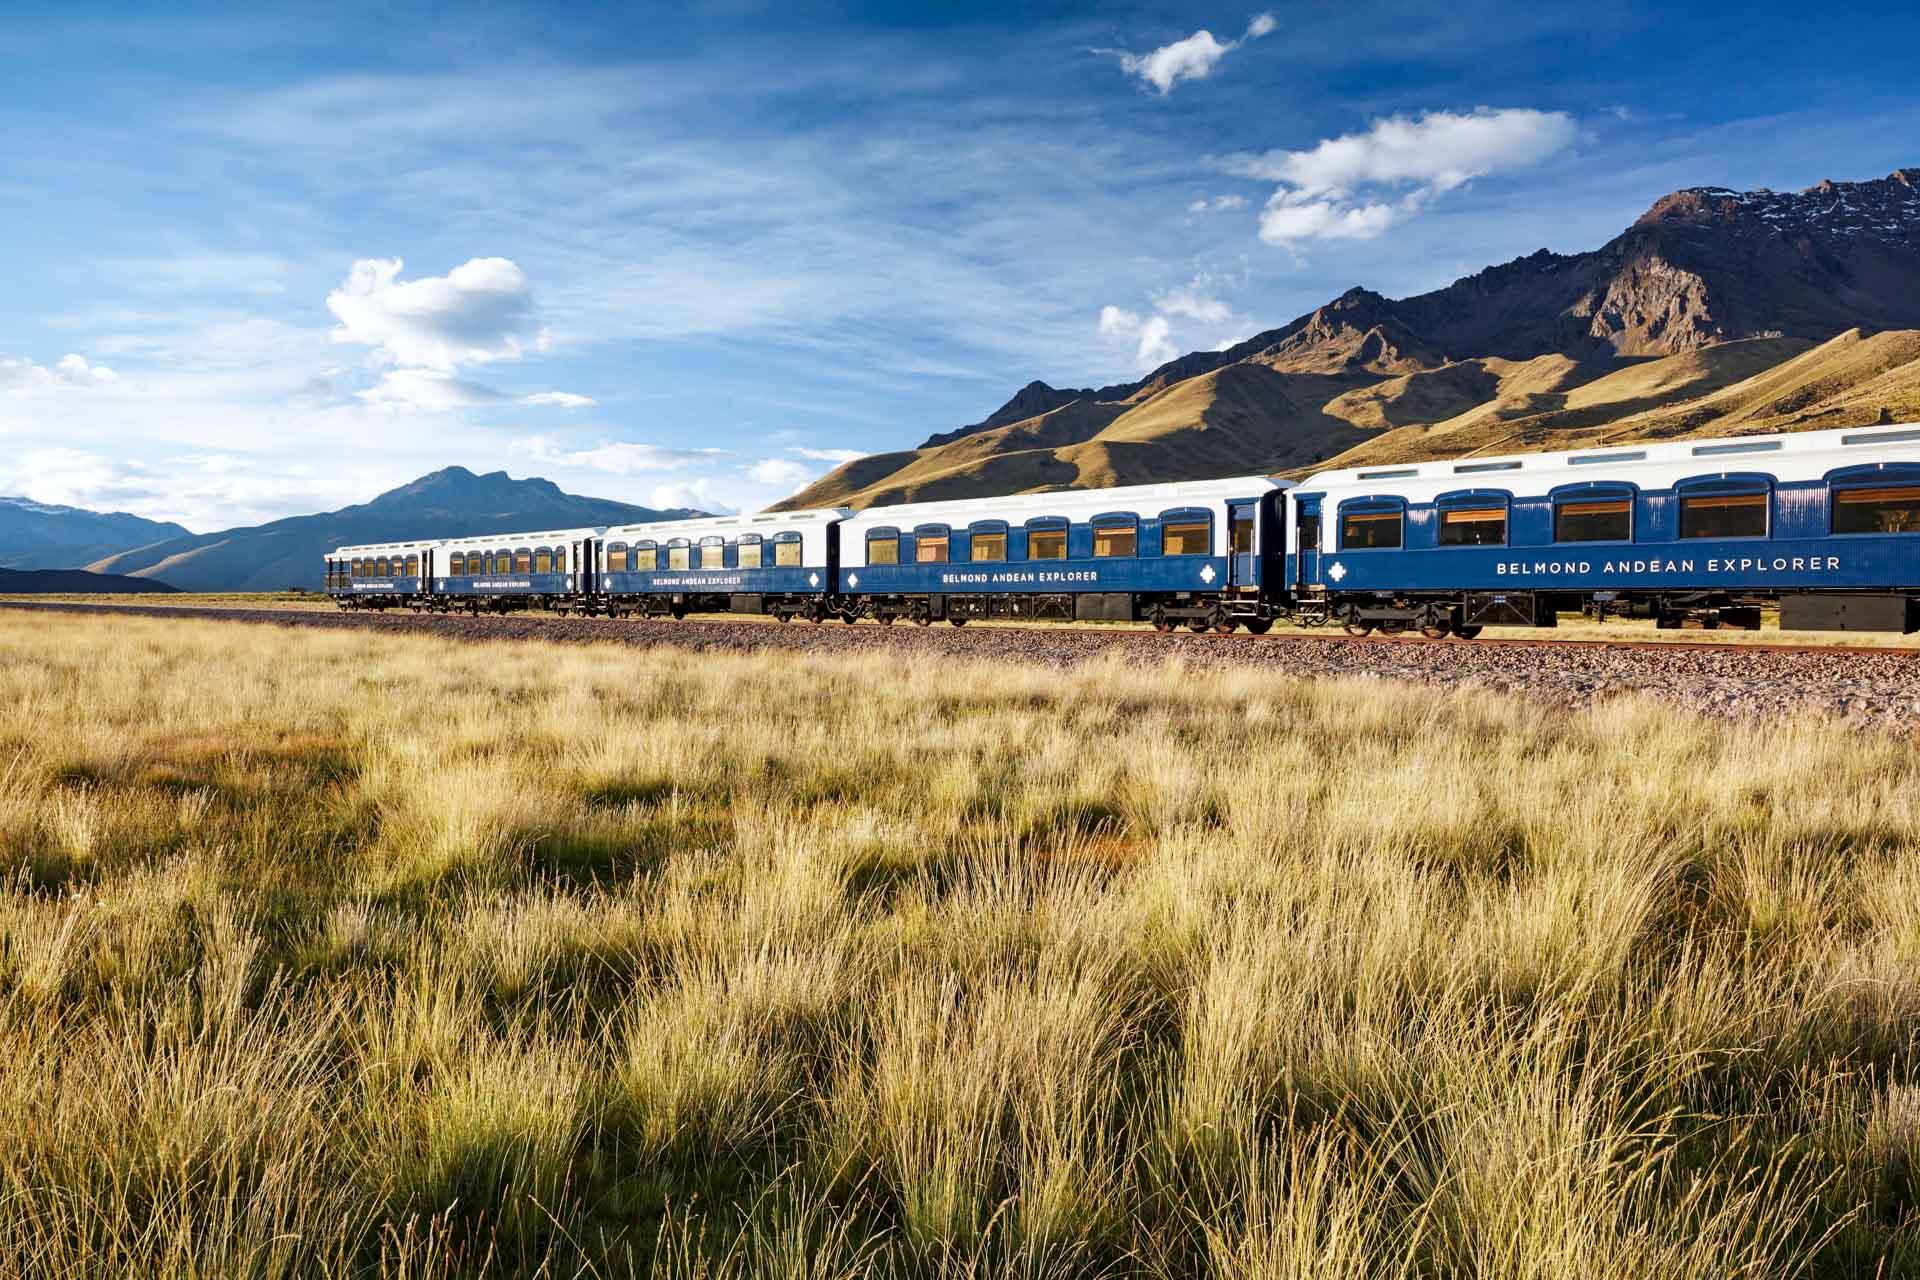 Le Belmond Andean Explorer vient d'effectuer son premier voyage entre Cuzco et Arequipa au Pérou